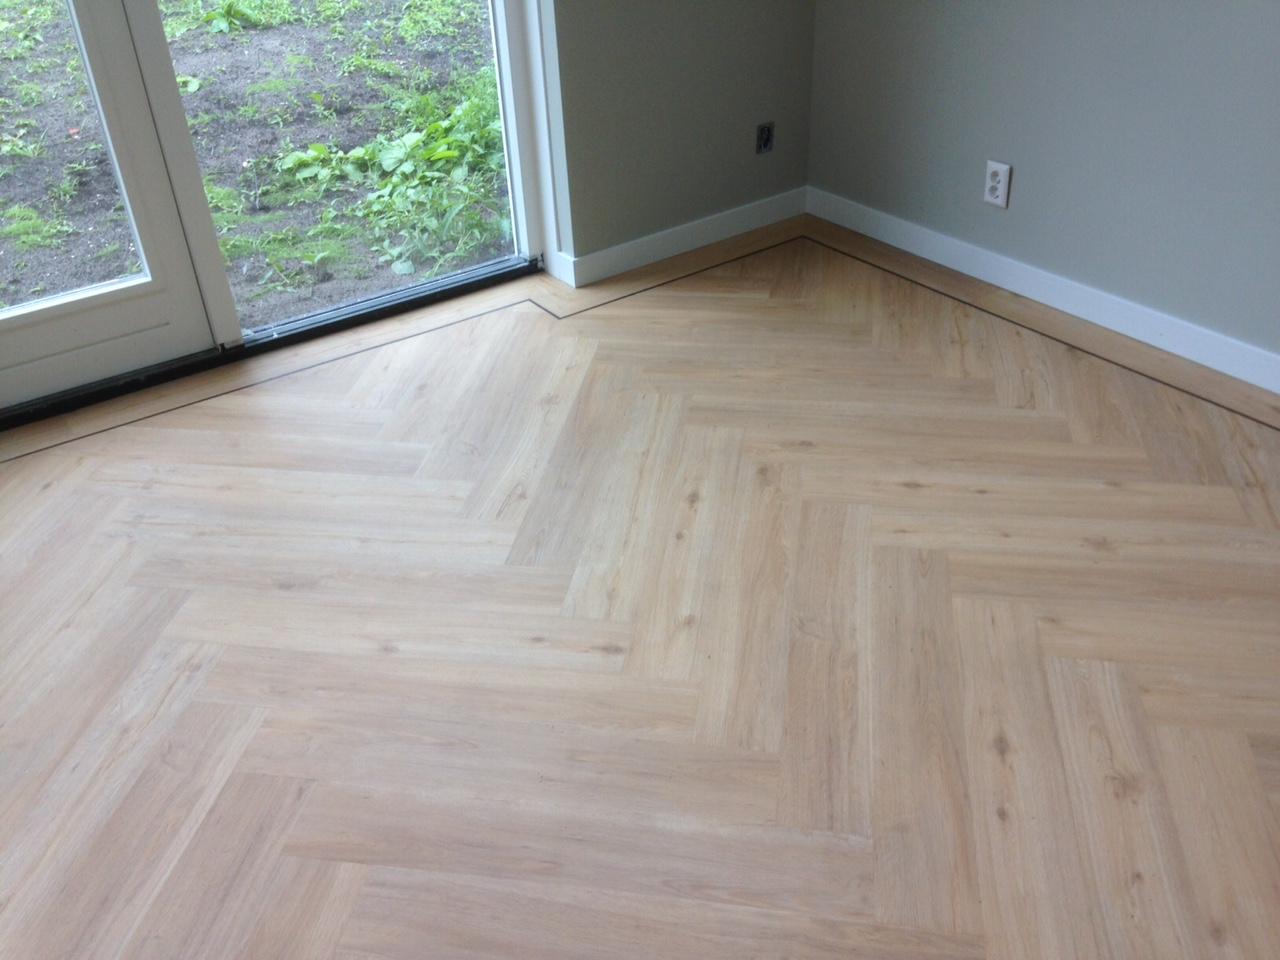 Visgraat pvc vloer renovation home decour in 2018 pinterest